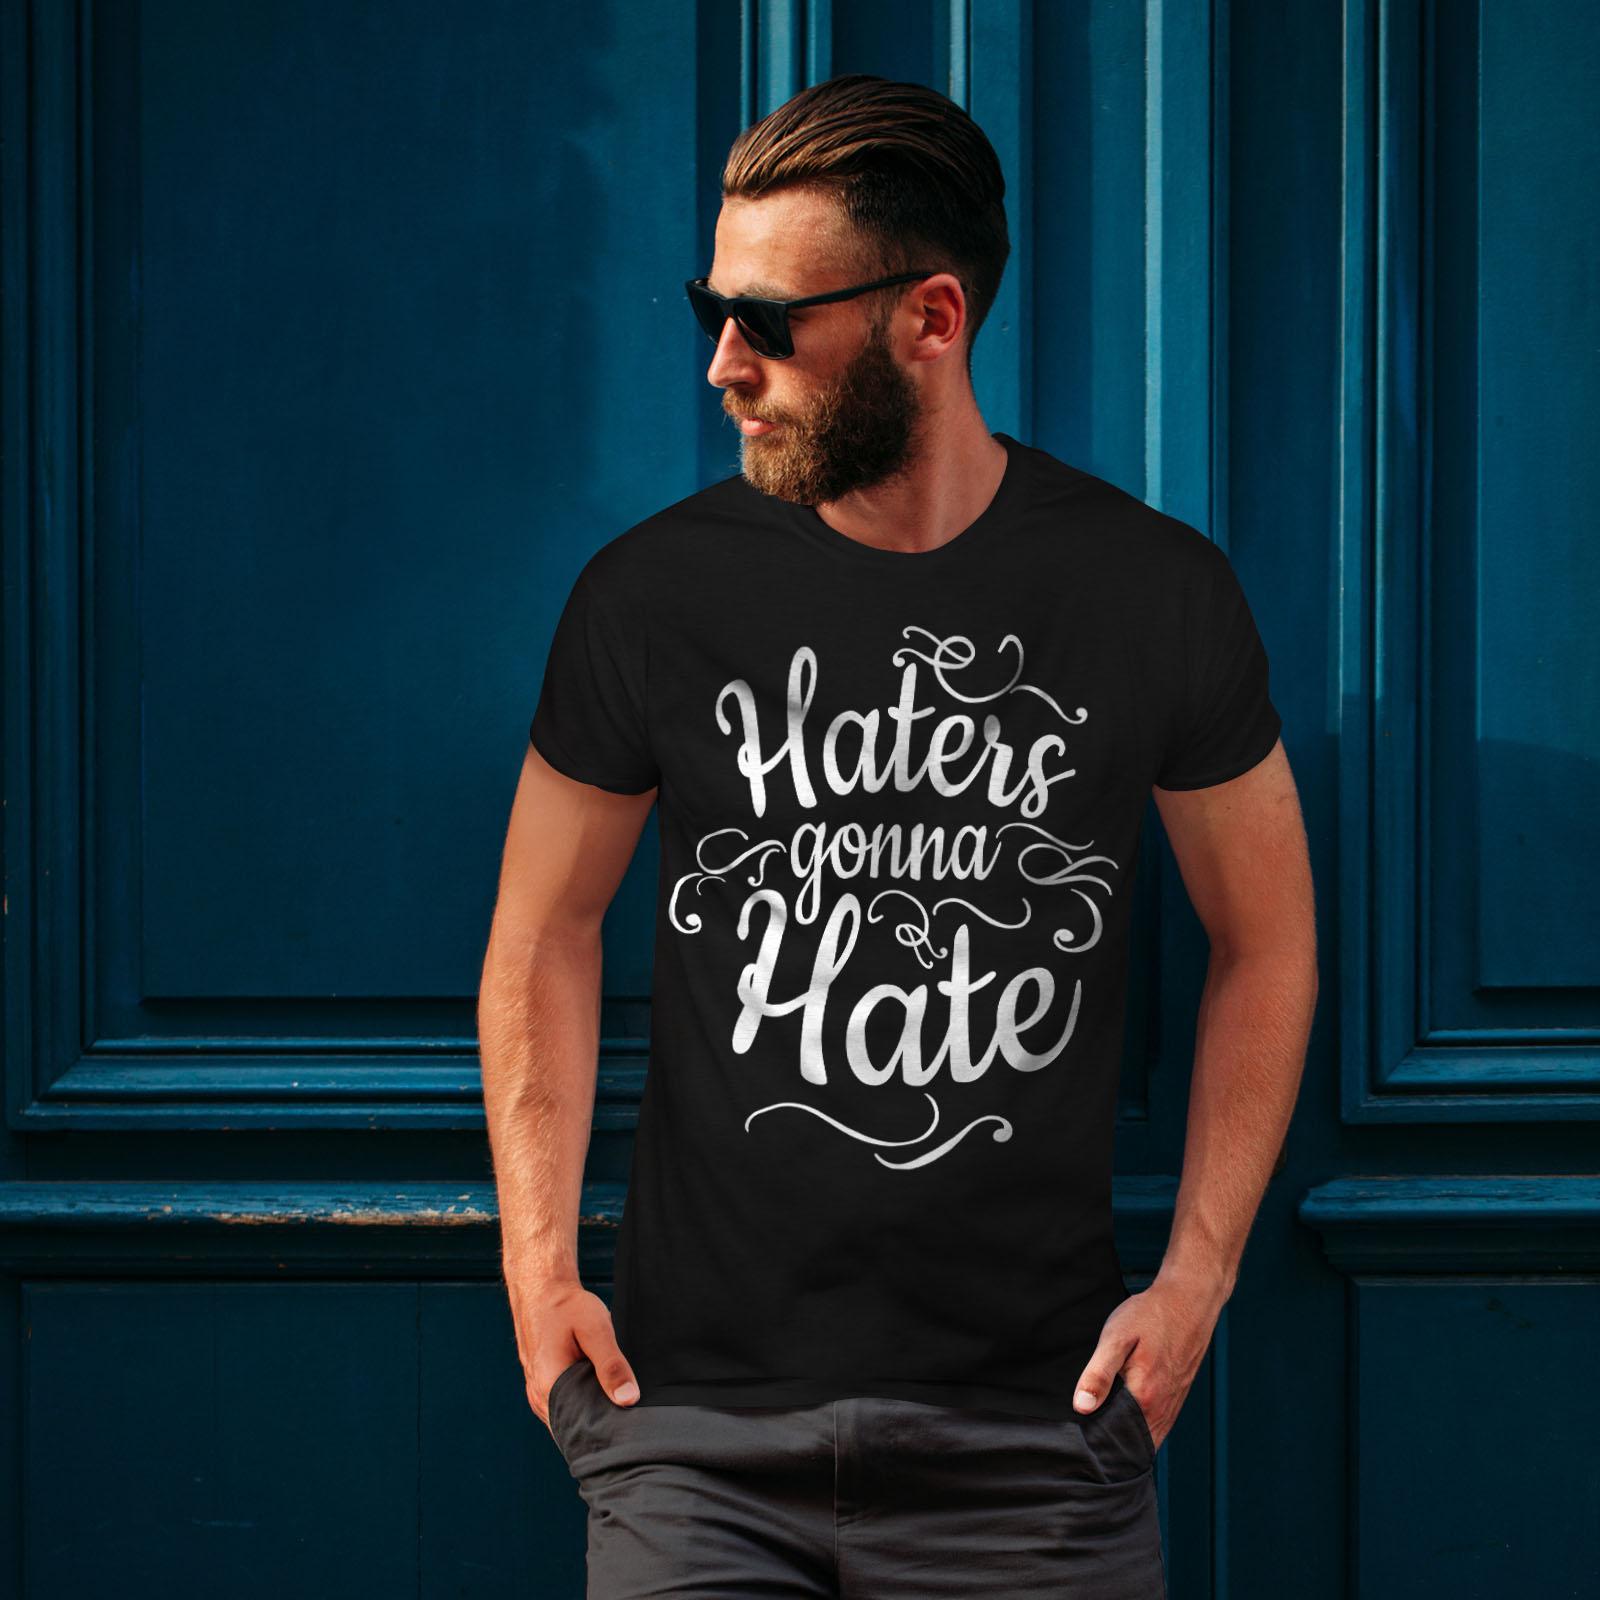 Wellcoda-Hasser-Gonna-Hate-Herren-T-Shirt-lustige-Grafikdesign-Printed-Tee Indexbild 4